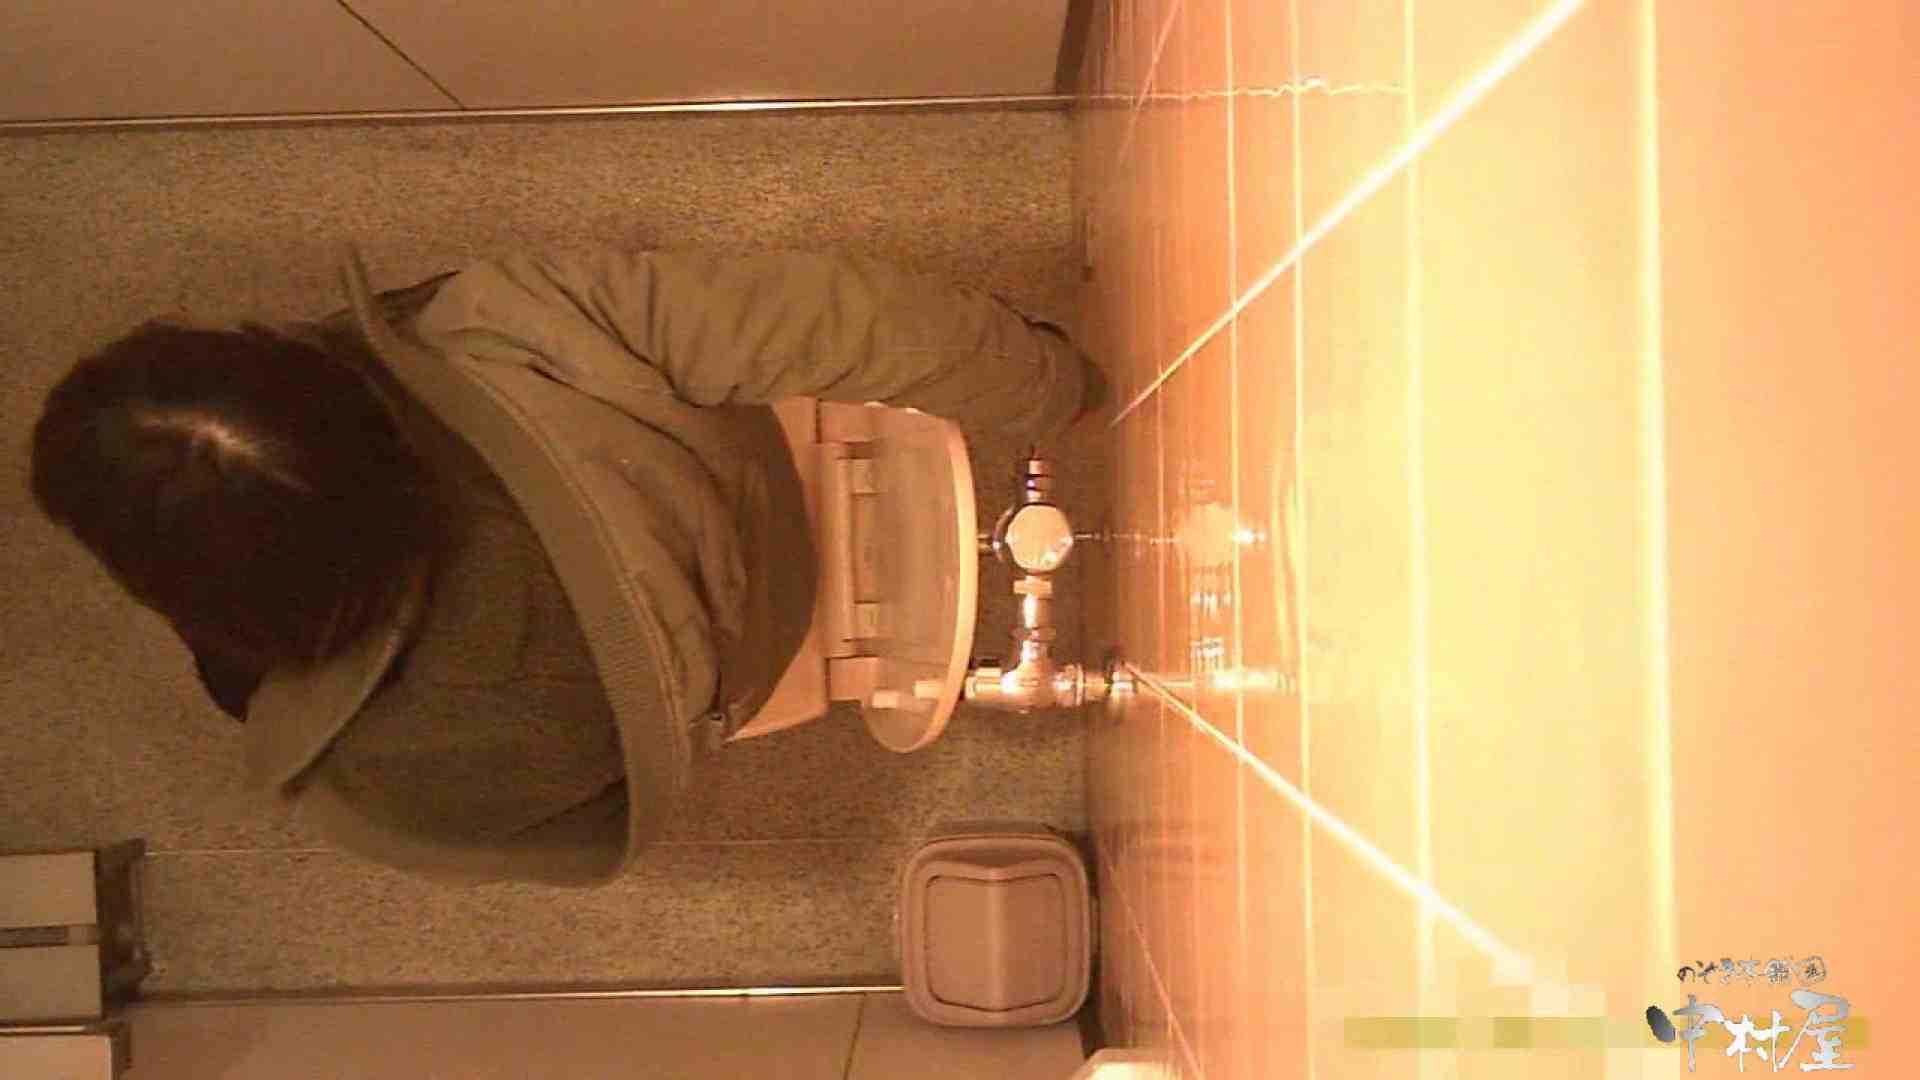 初盗撮!女盗撮師カレンさんの 潜入!女子トイレ盗撮!Vol.5 女子トイレ | 盗撮  61pic 18